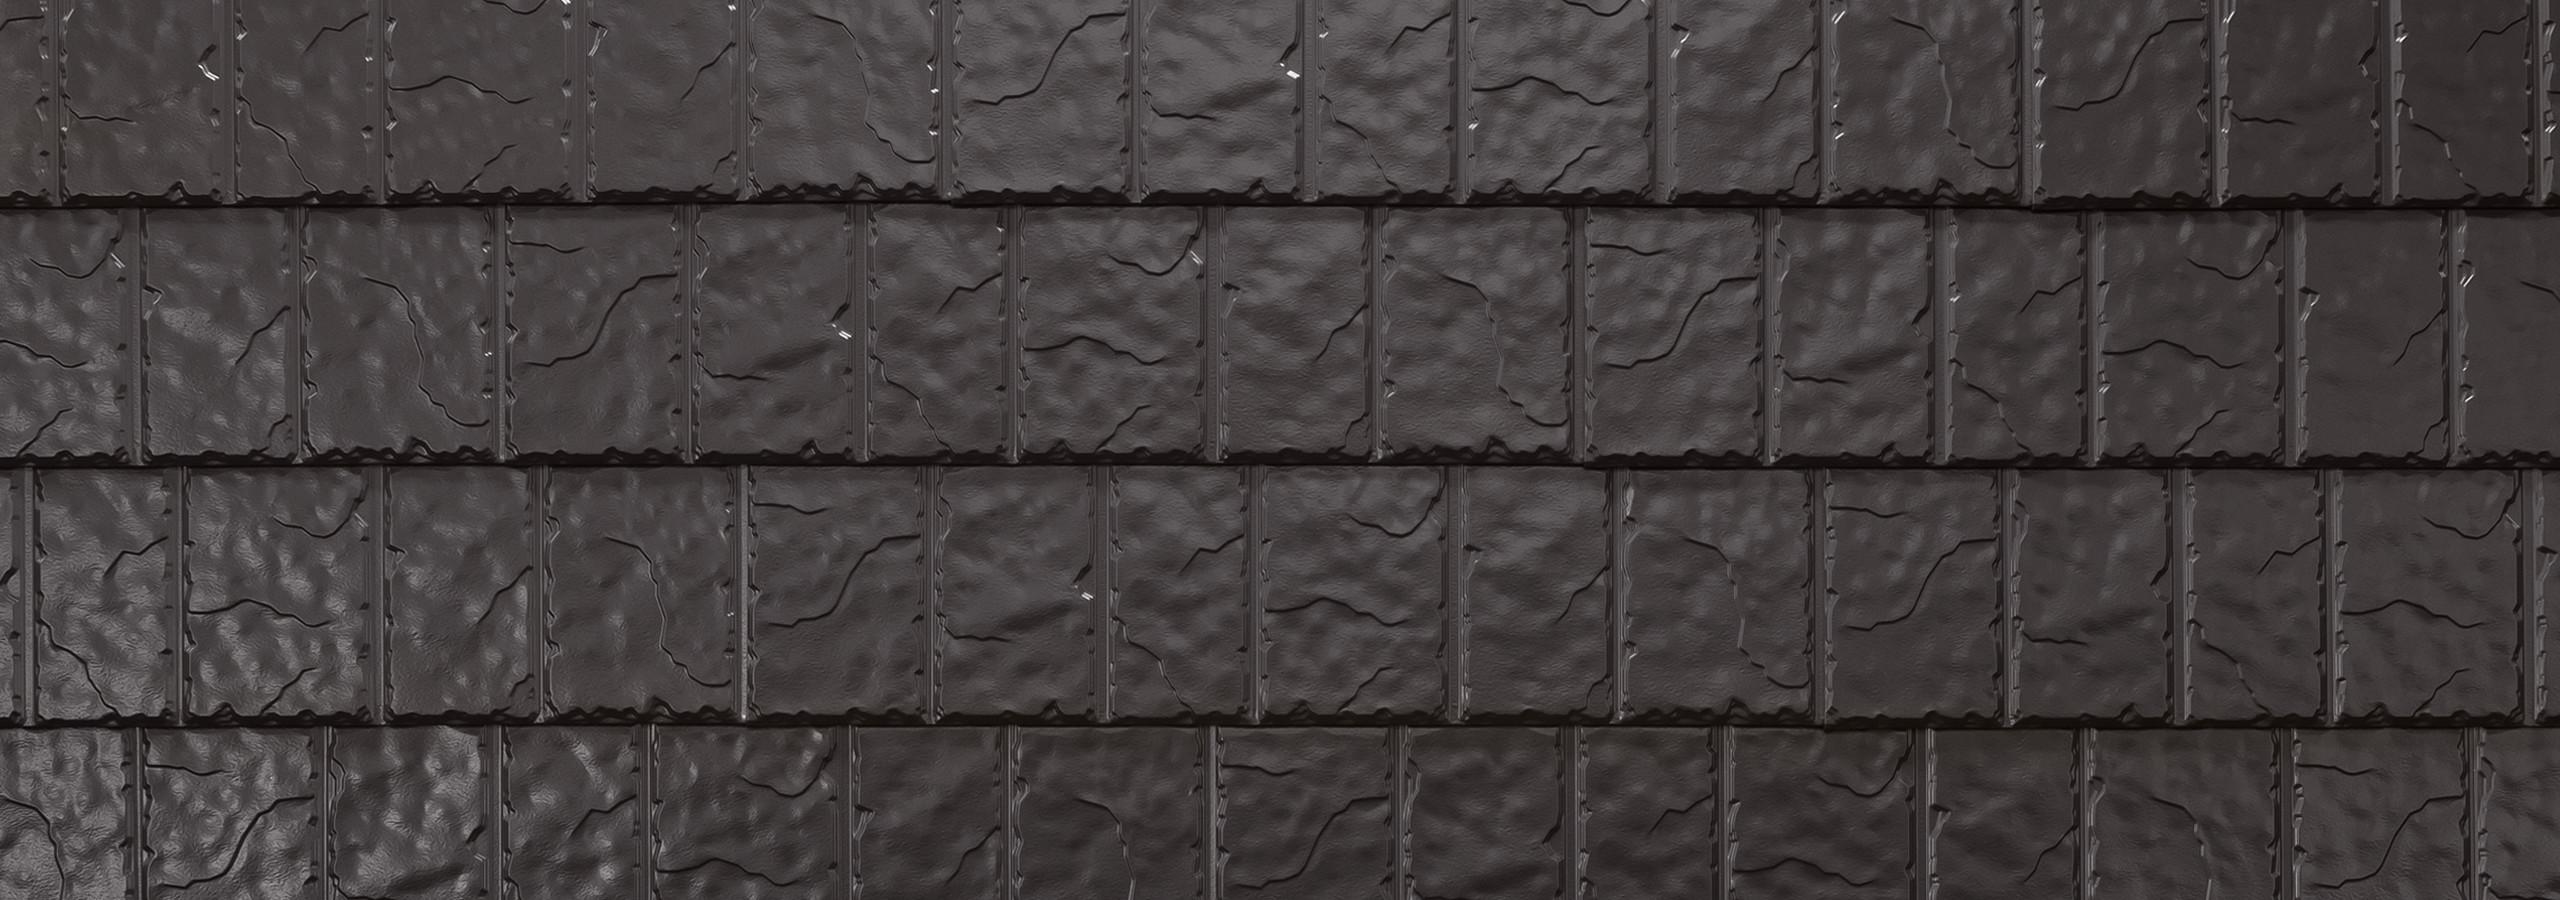 Bronze steel slate roofing